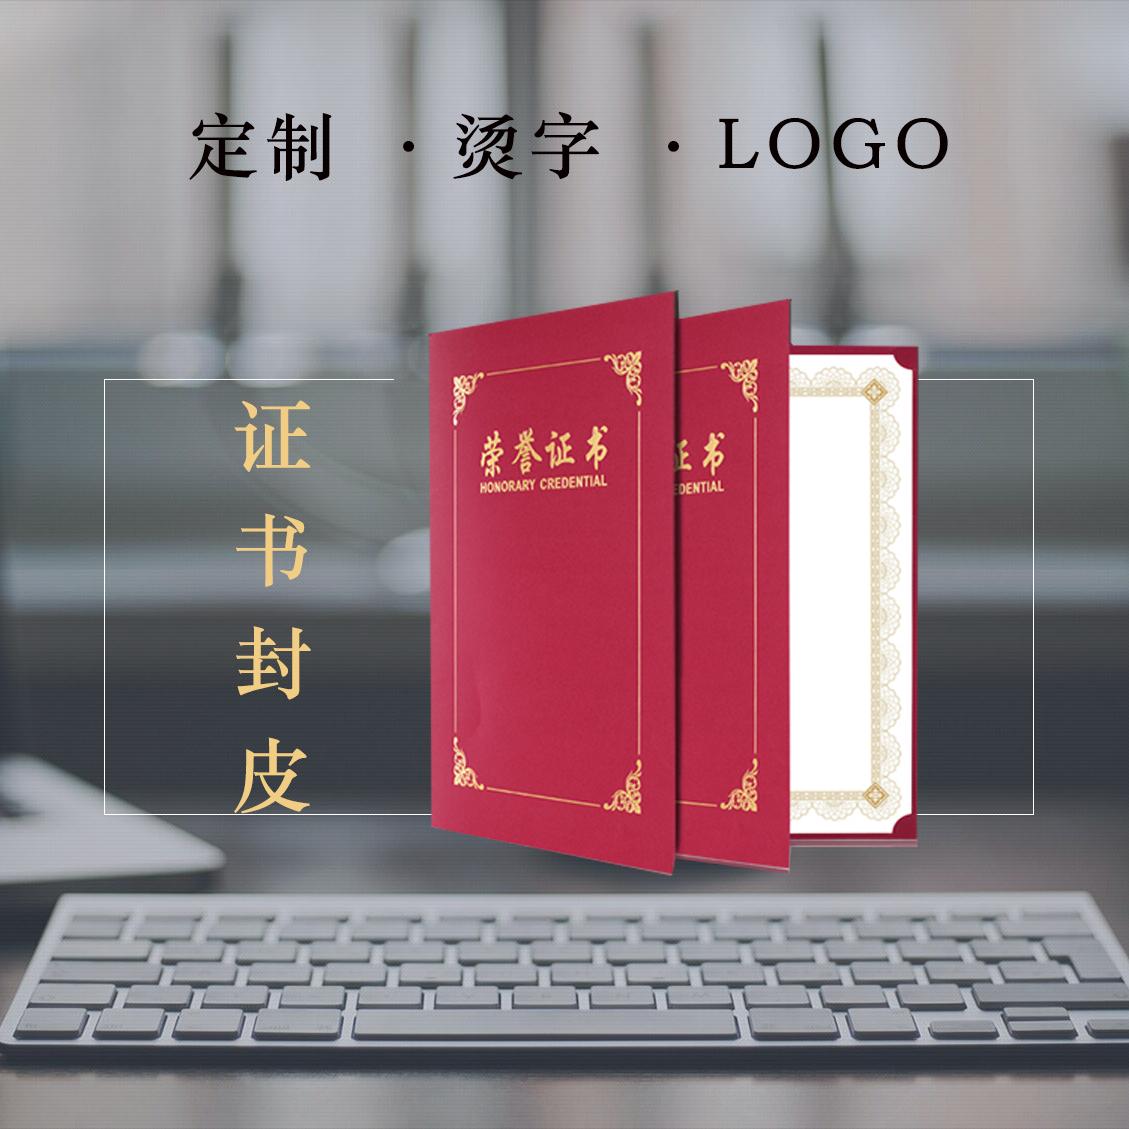 Certificado de calidad certificado personalizado la portada versión horizontal A4 vertical de color rojo dorado versión portada de un certificado de honor.